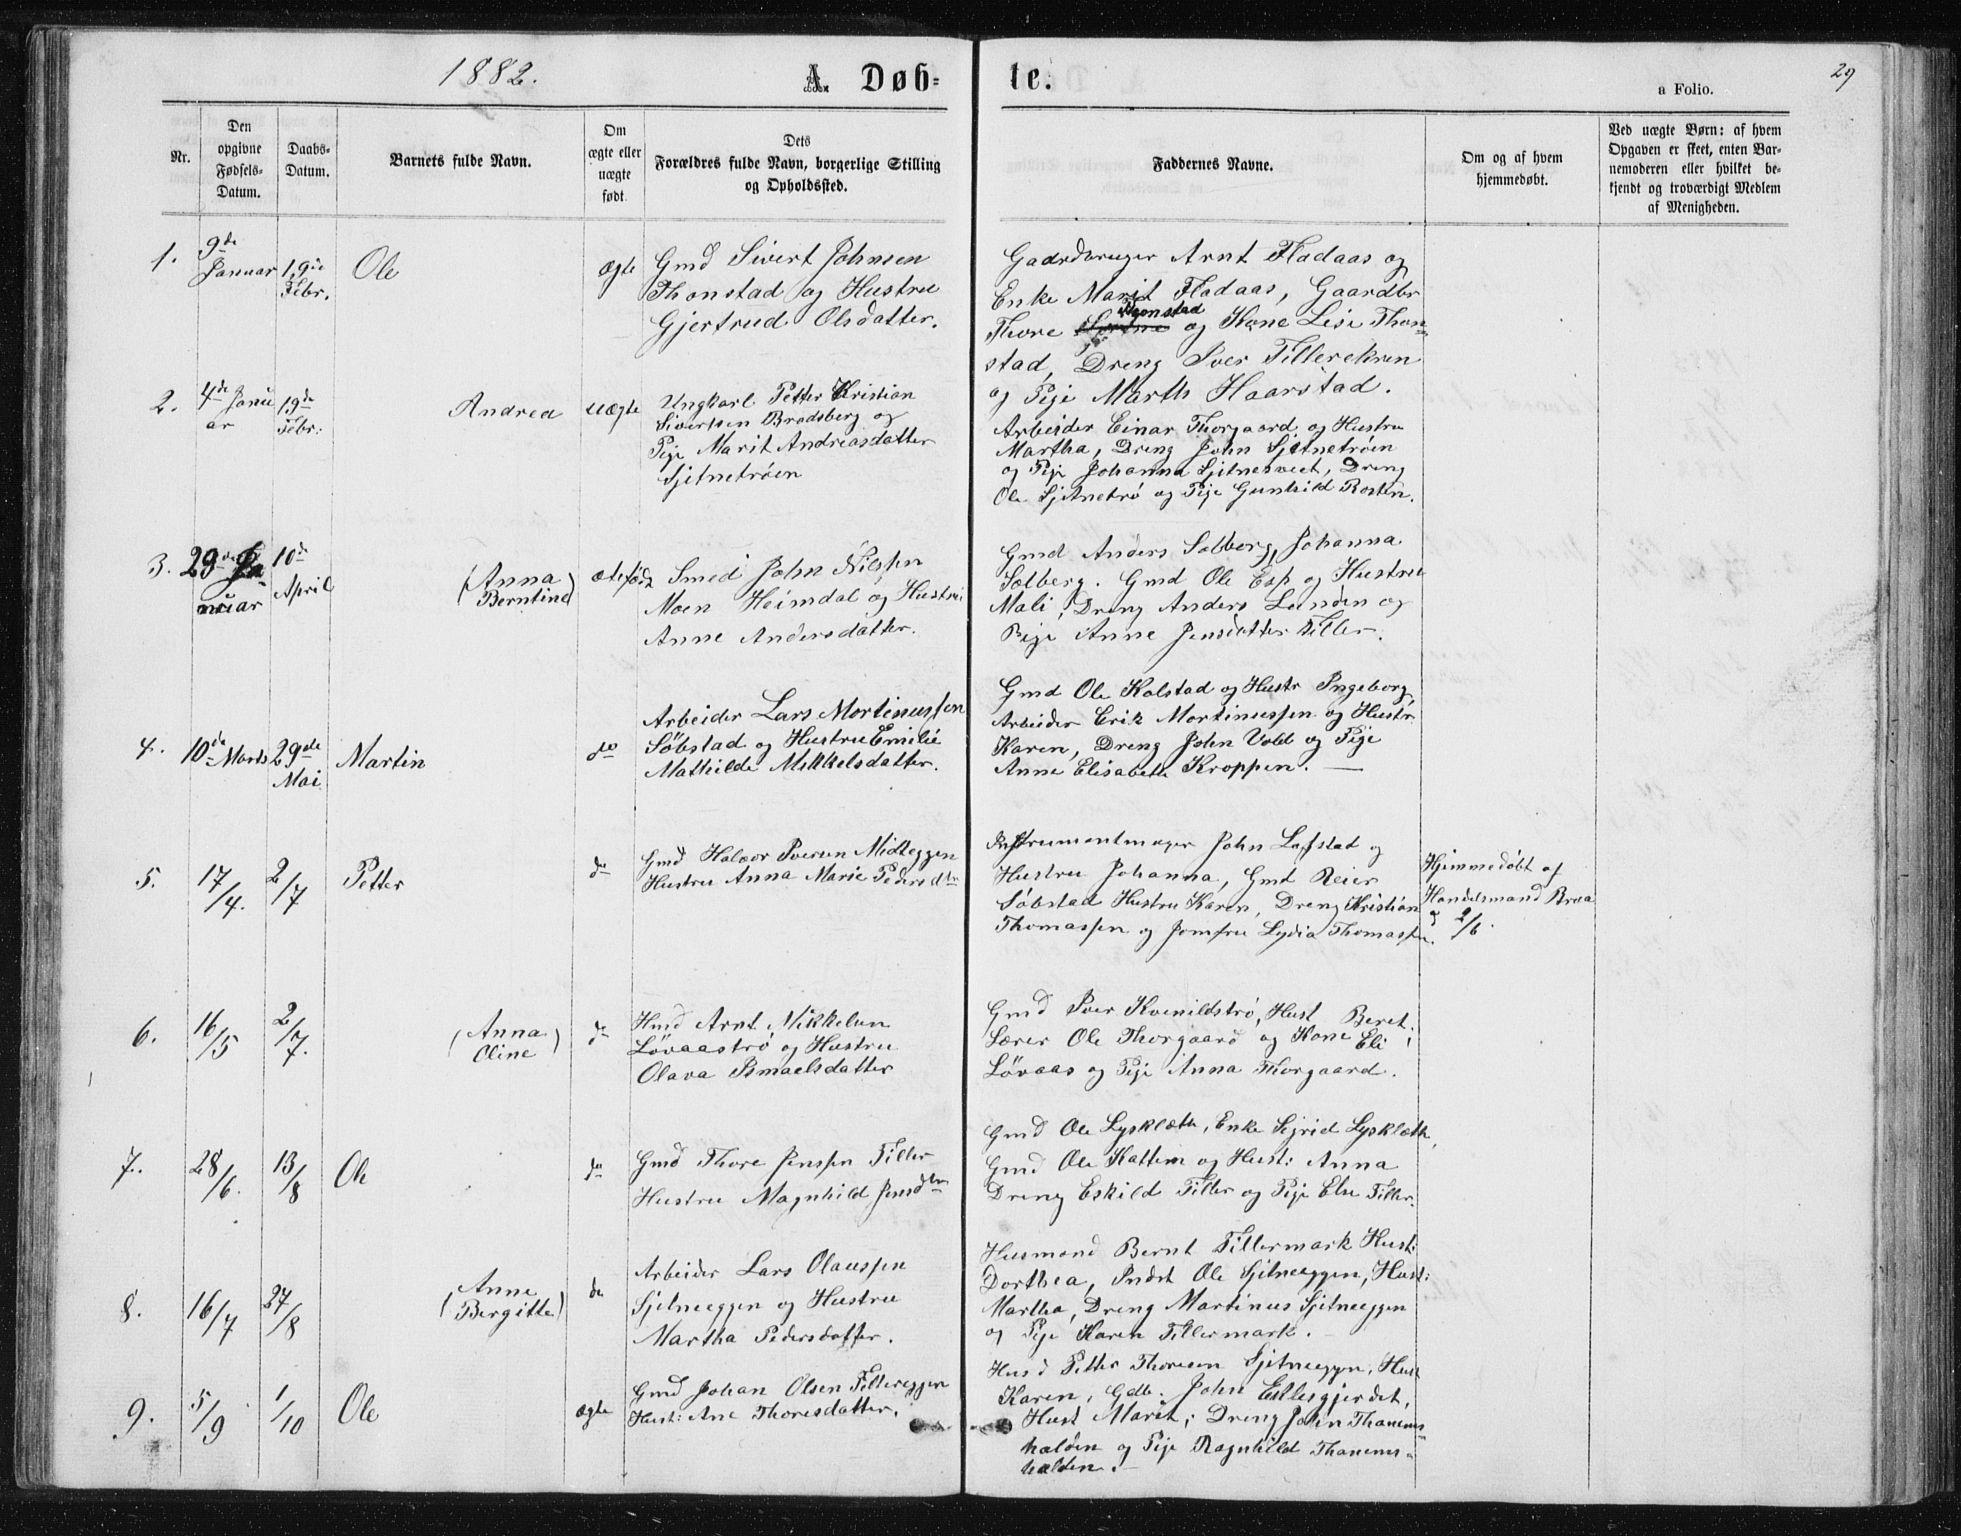 SAT, Ministerialprotokoller, klokkerbøker og fødselsregistre - Sør-Trøndelag, 621/L0459: Klokkerbok nr. 621C02, 1866-1895, s. 29